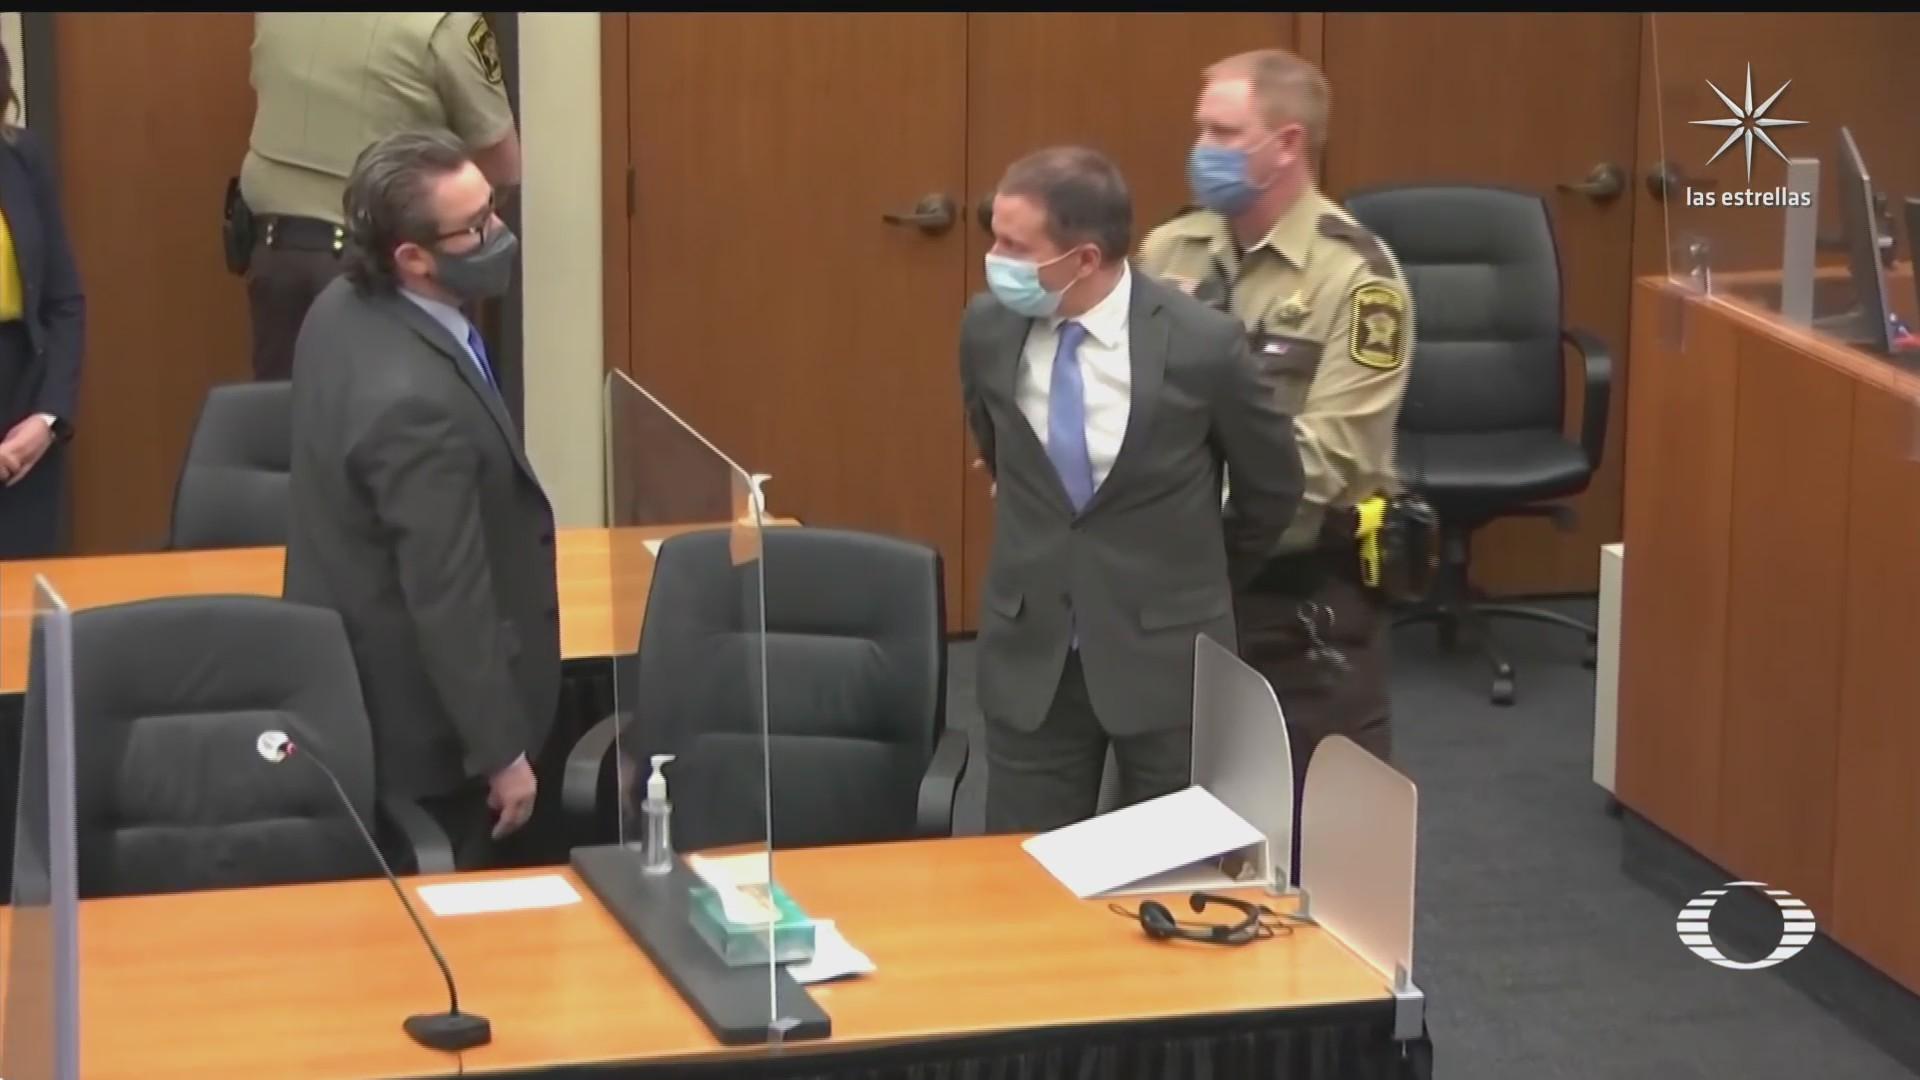 exoficial derek chauvin culpable de asesinato en caso de george floyd